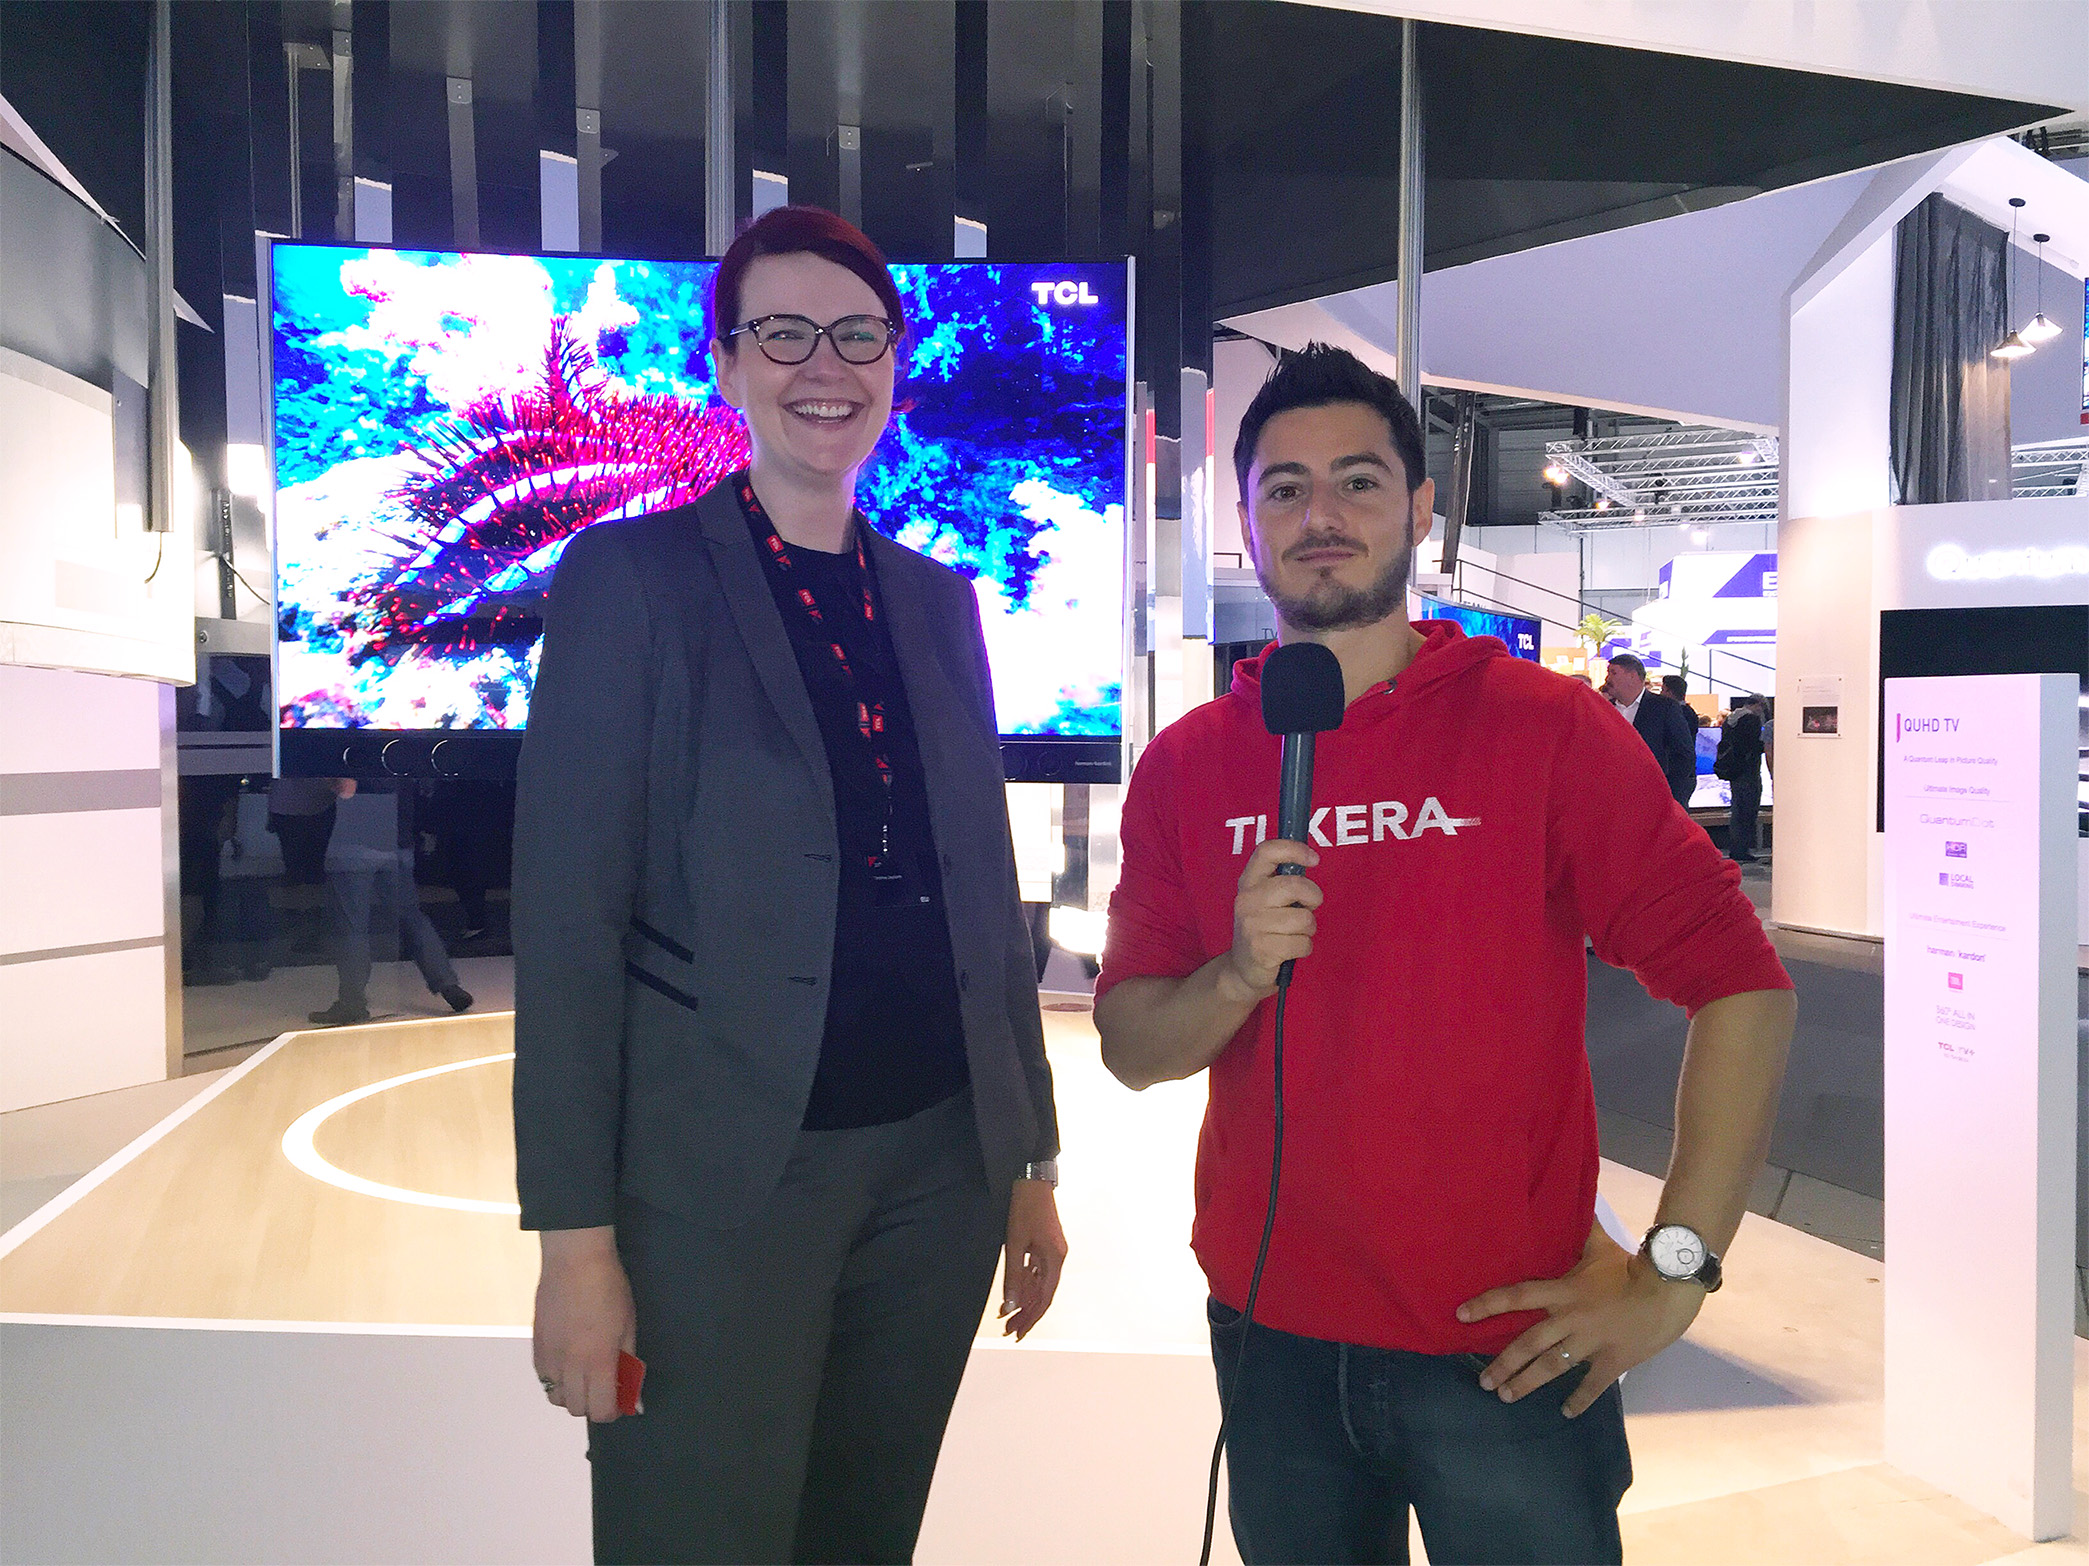 Tuxera's Claudio at TCL booth at IFA 16